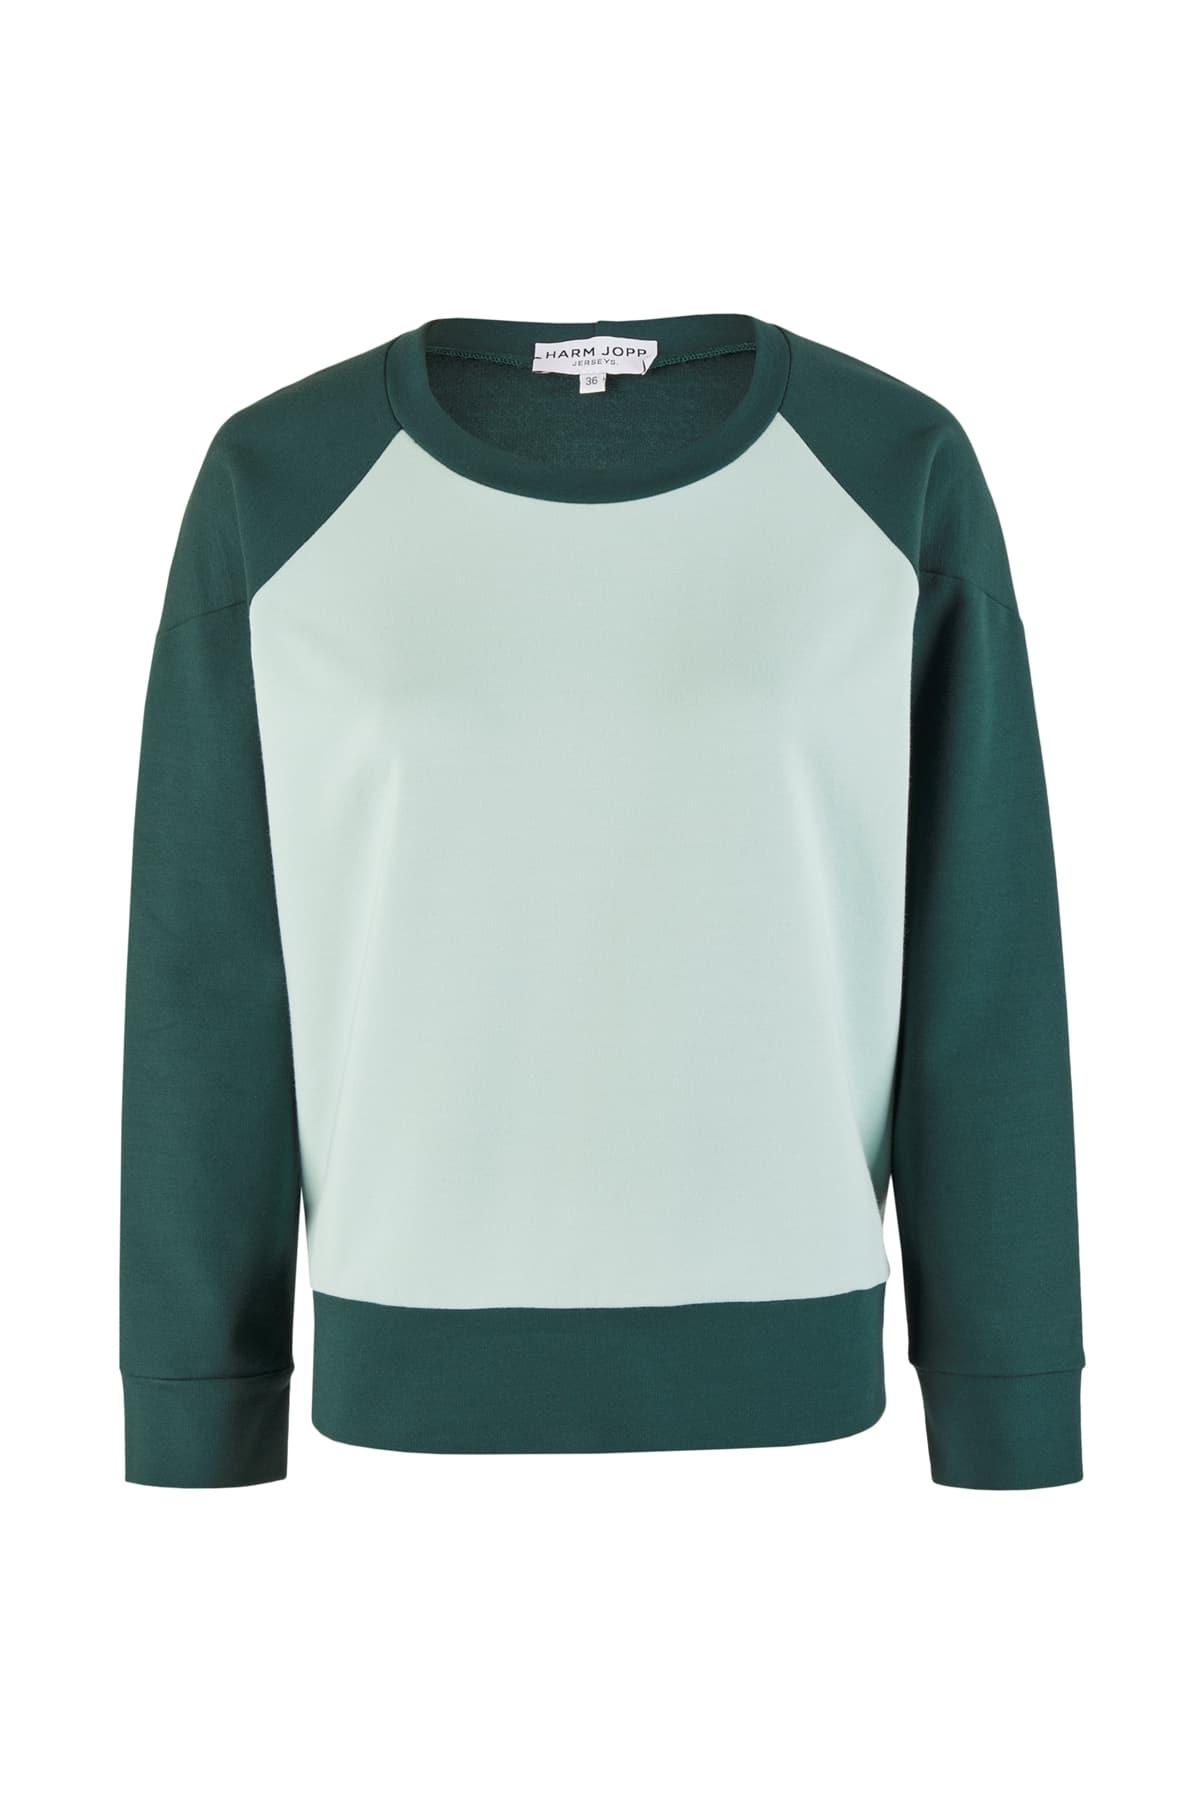 sweatshirt grün front